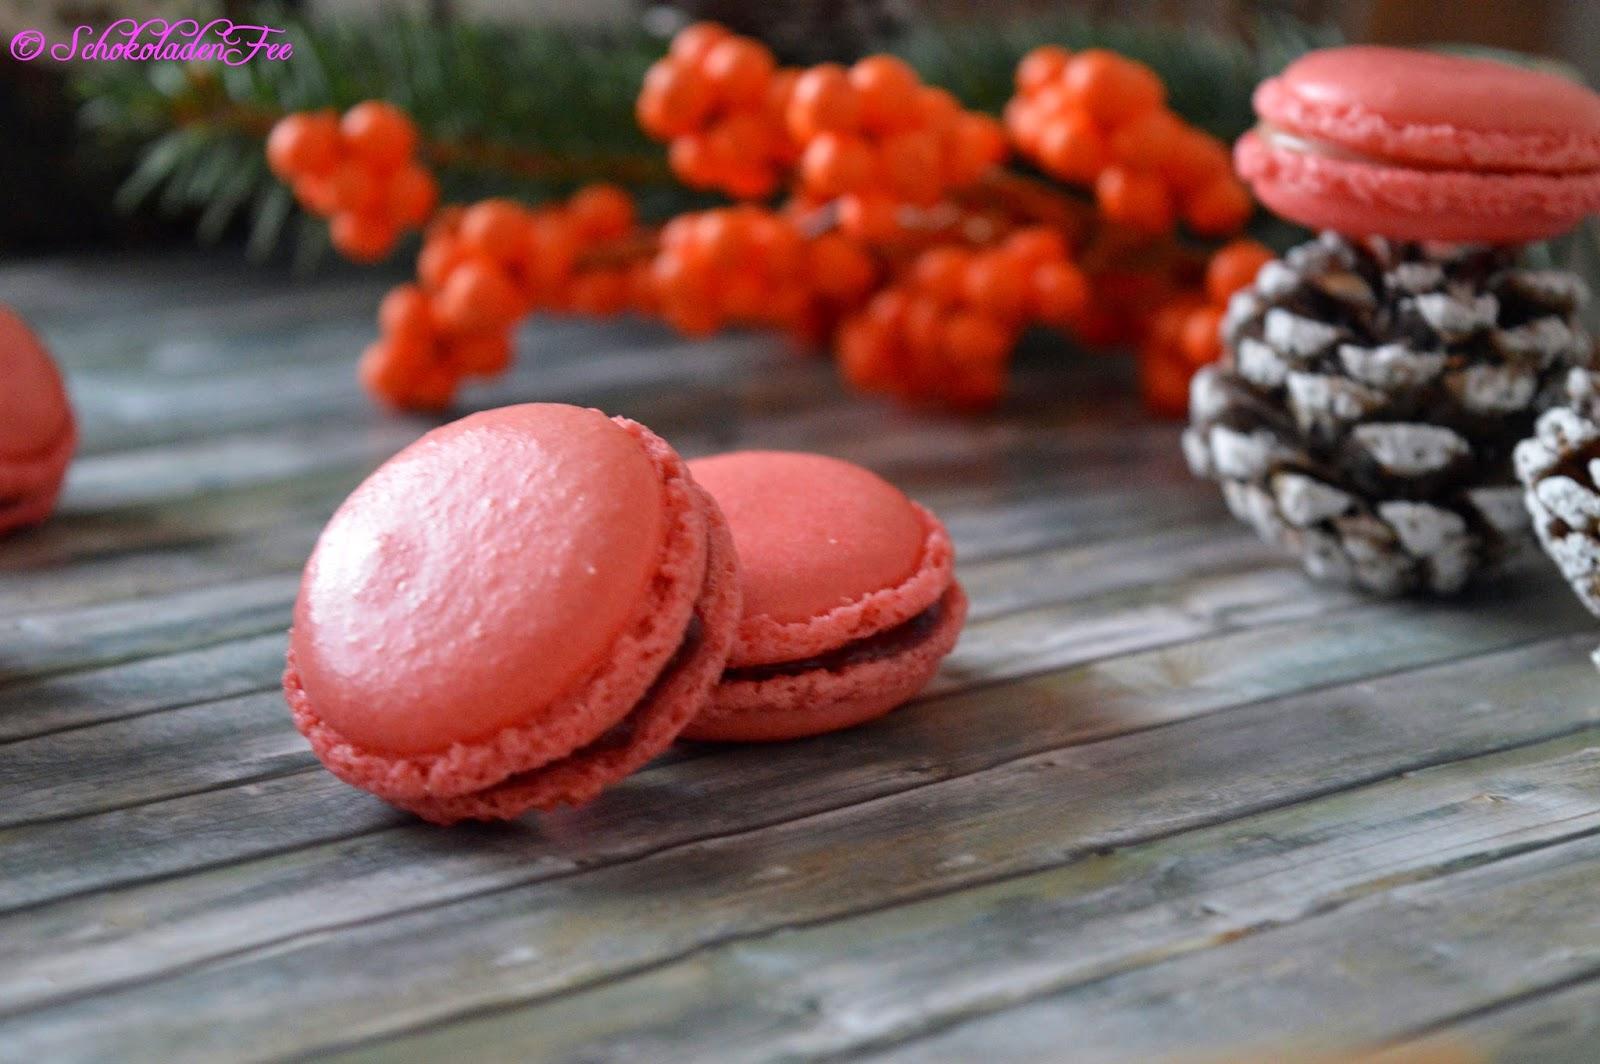 http://schokoladen-fee.blogspot.de/2015/01/meine-ersten-macarons.html